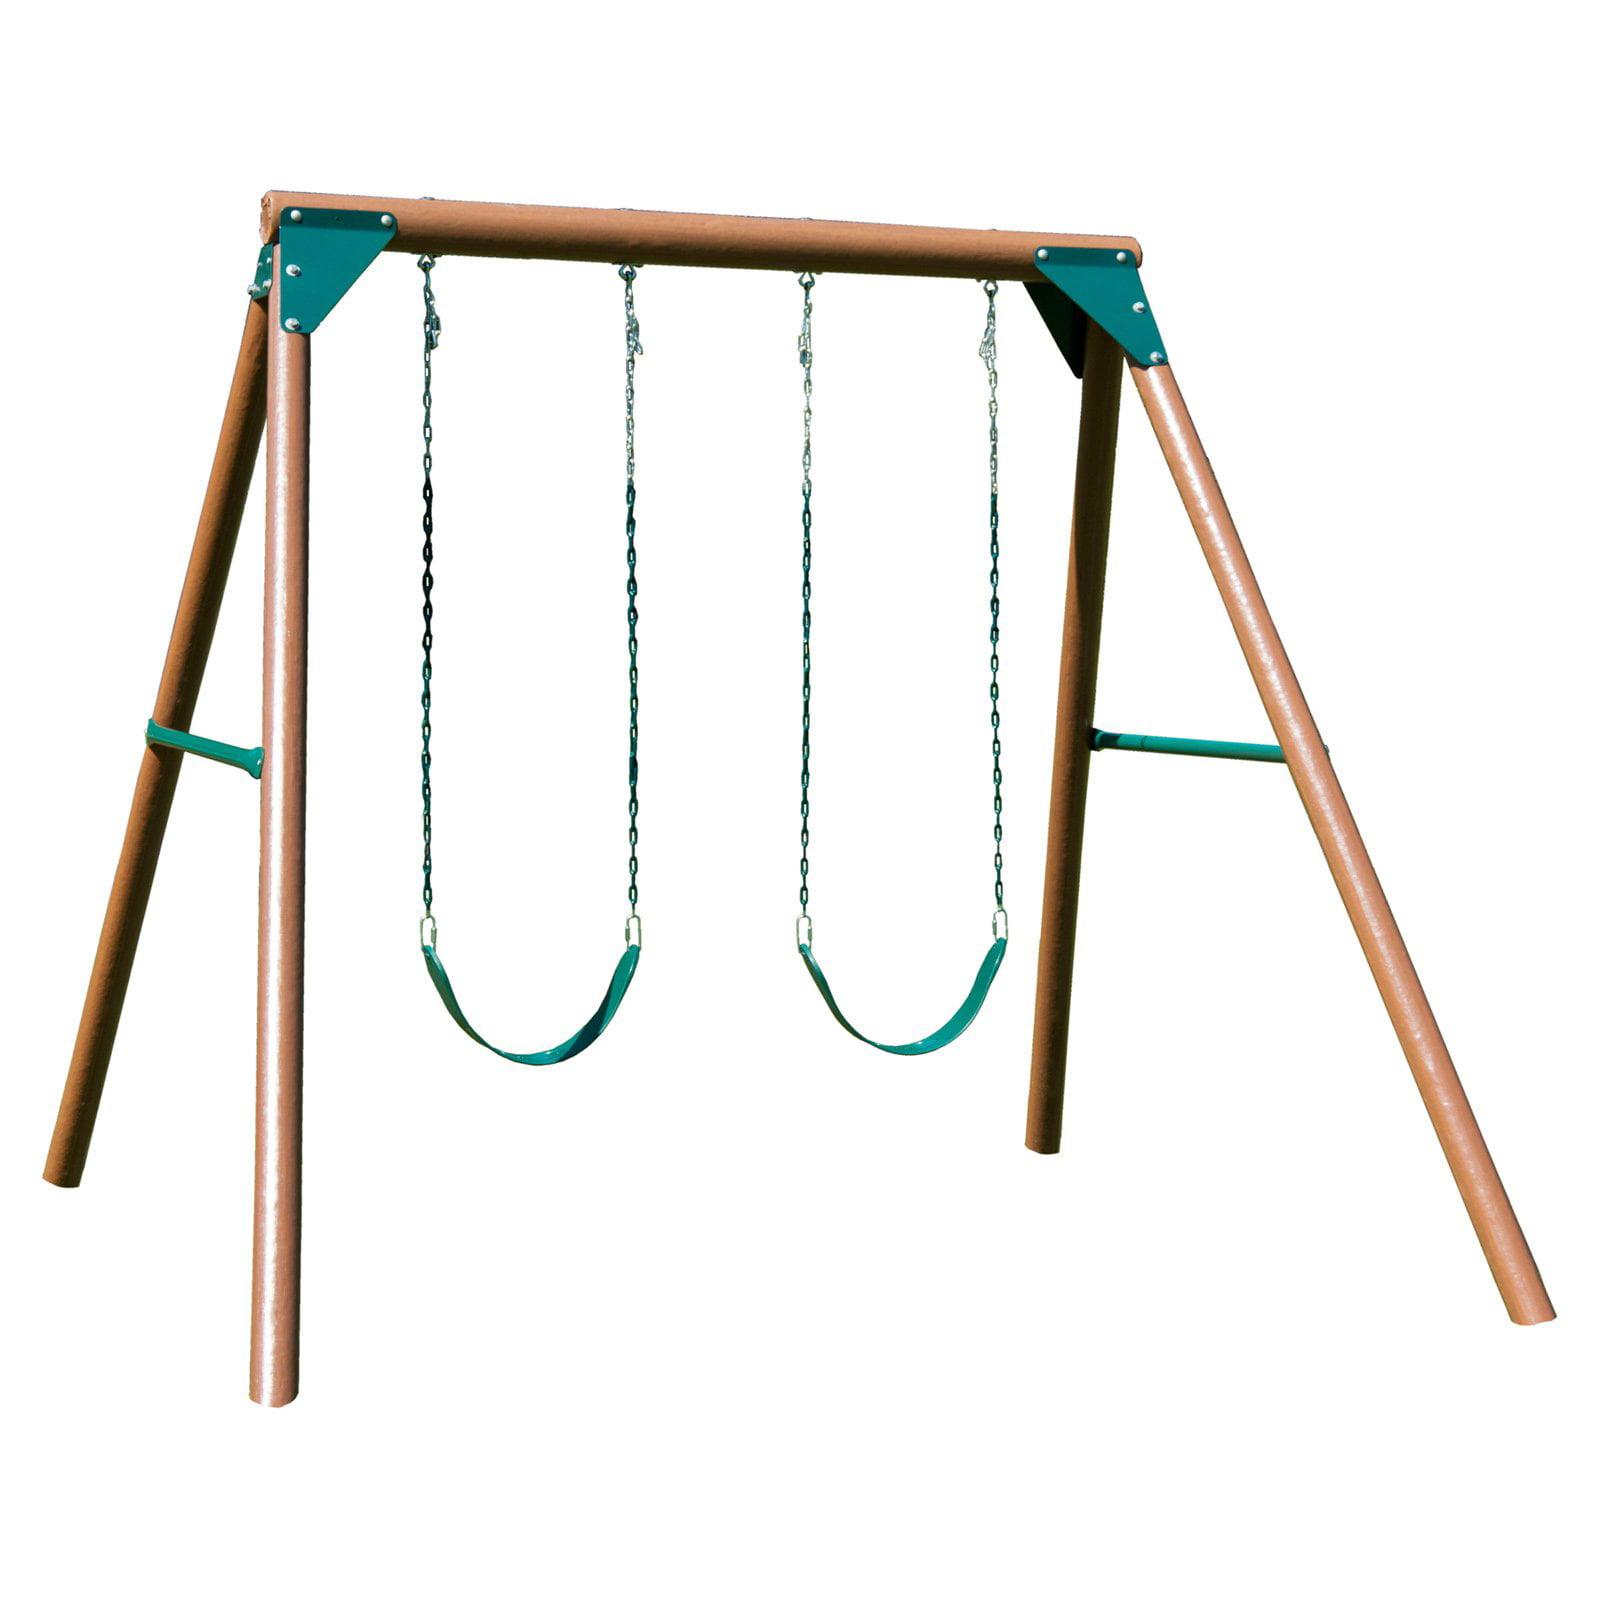 Swing-N-Slide Equinox Swing Set by Overstock